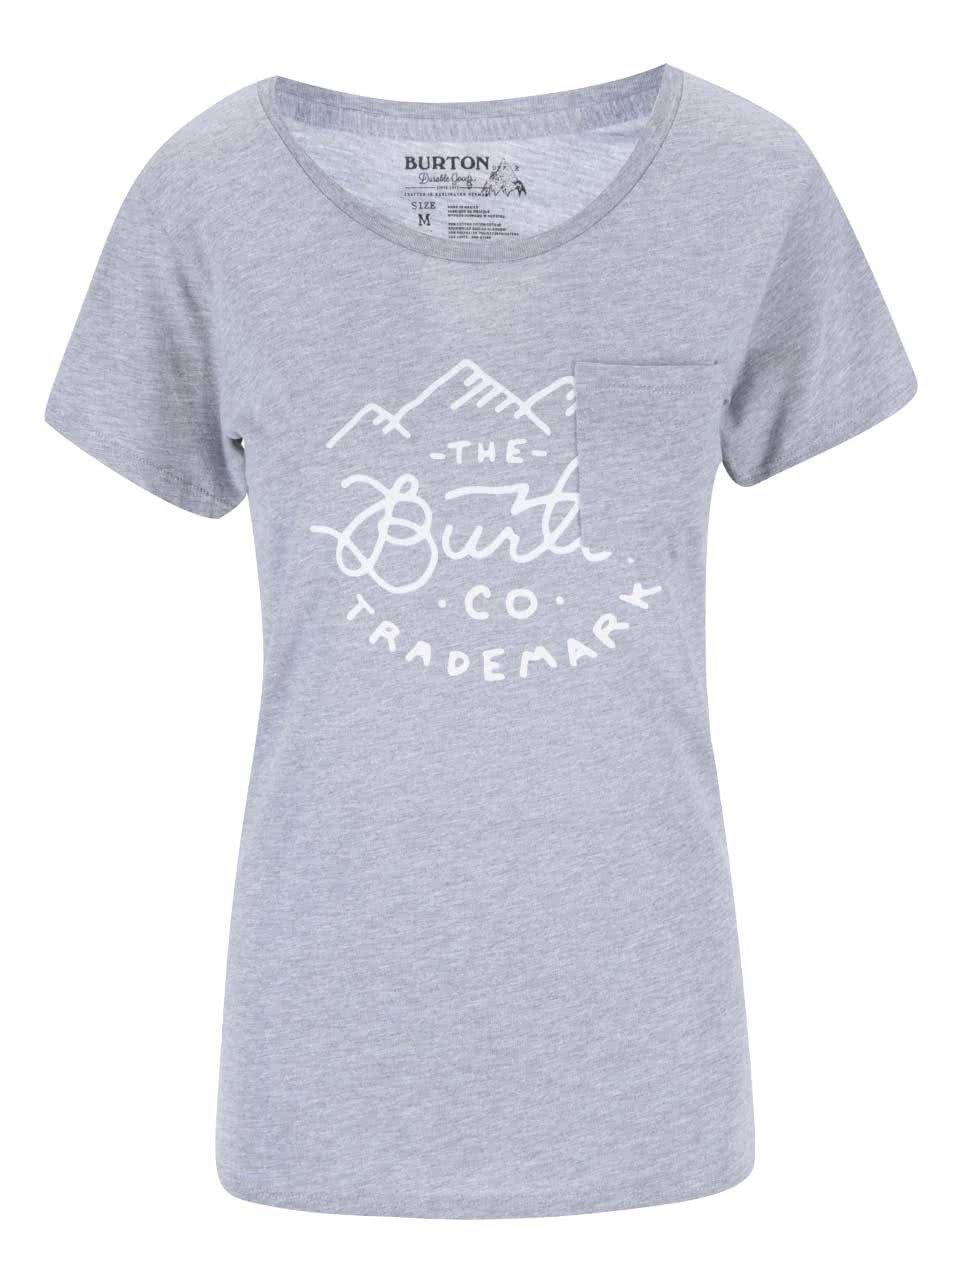 Šedé dámské tričko s potiskem Burton Trdmrk